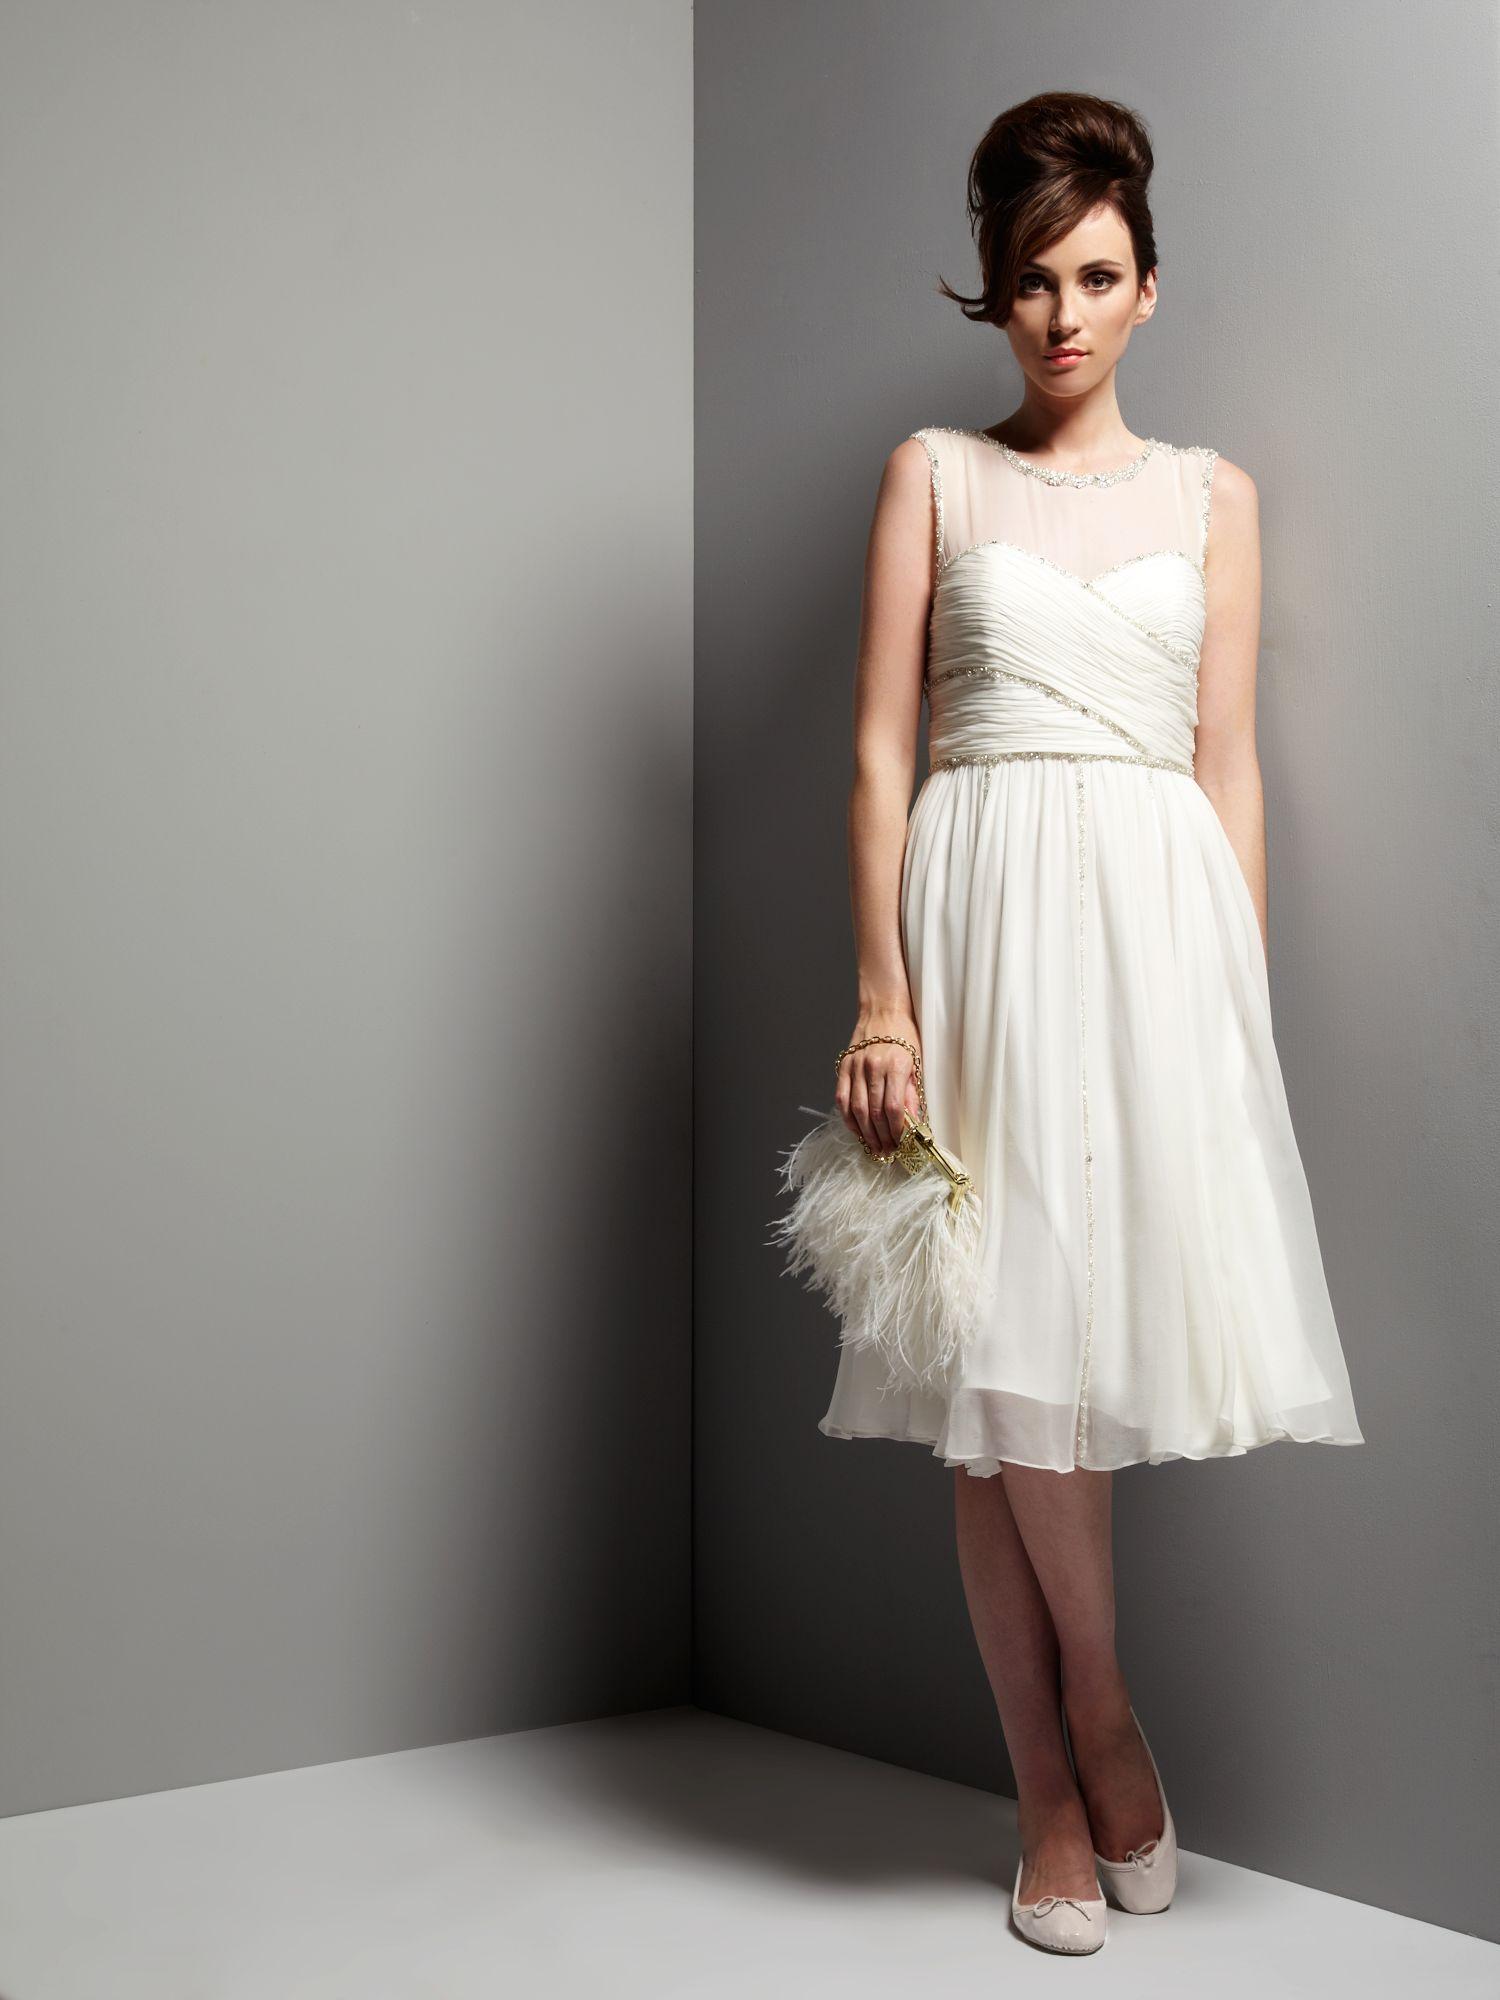 Awesome Ivory Knee Length Wedding Dresses Elaboration - Wedding ...